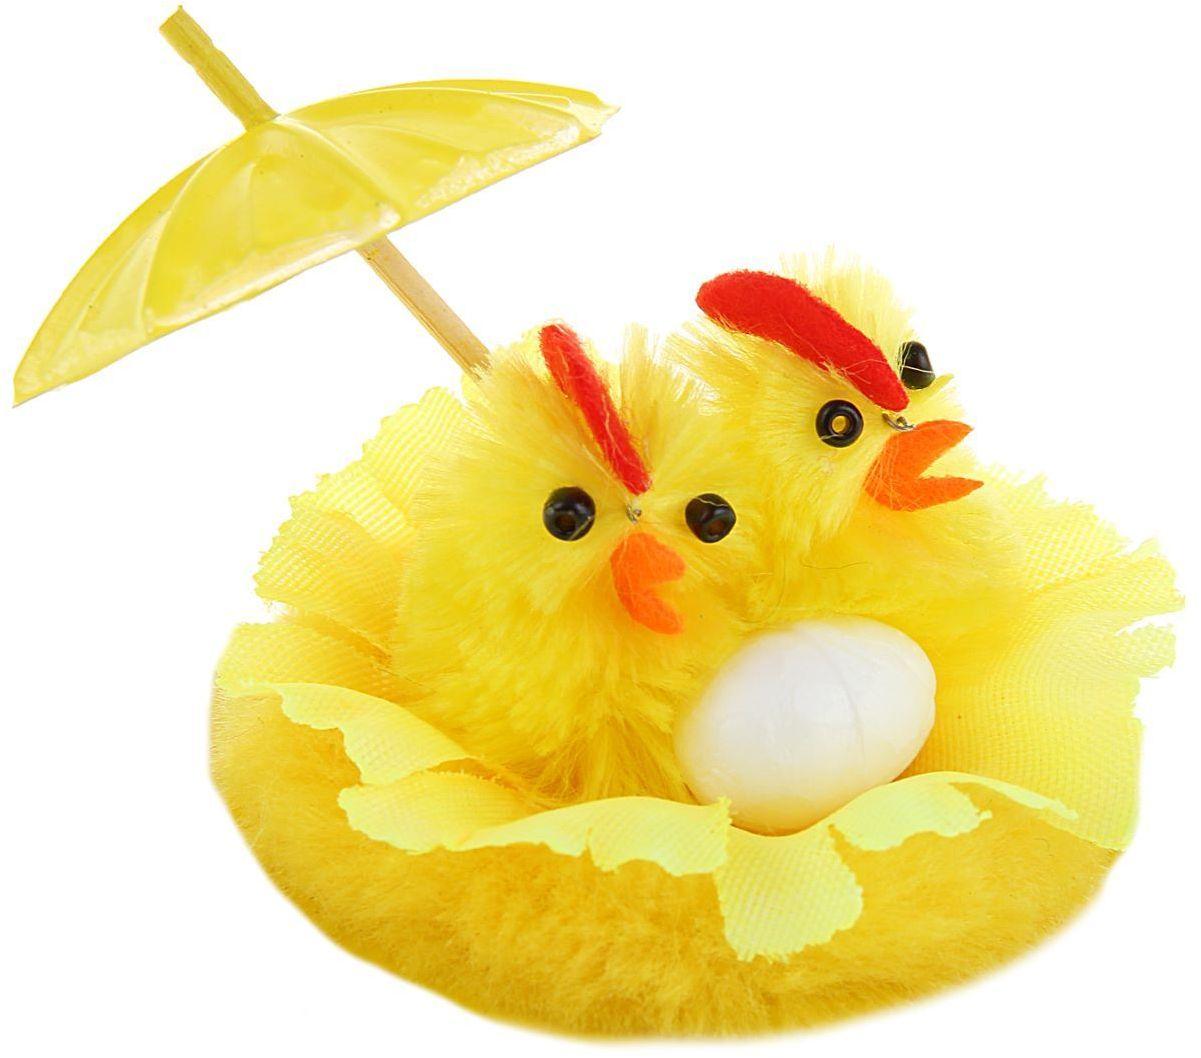 Сувенир пасхальный Sima-land Цыплята с зонтиком, 7 х 7 х 4,5 смБрелок для ключейСувенир Цыплята с зонтиком — самый популярный пасхальный декор. Фигурками цып принято декорировать праздничный пасхальный стол во многих странах мира. Россия не исключение.Вы можете украсить таким замечательным сувениром тарелку гостей, превратив её в гнездо. Или преподнести его в качестве подарка близкому человеку. Удивите себя и родных!